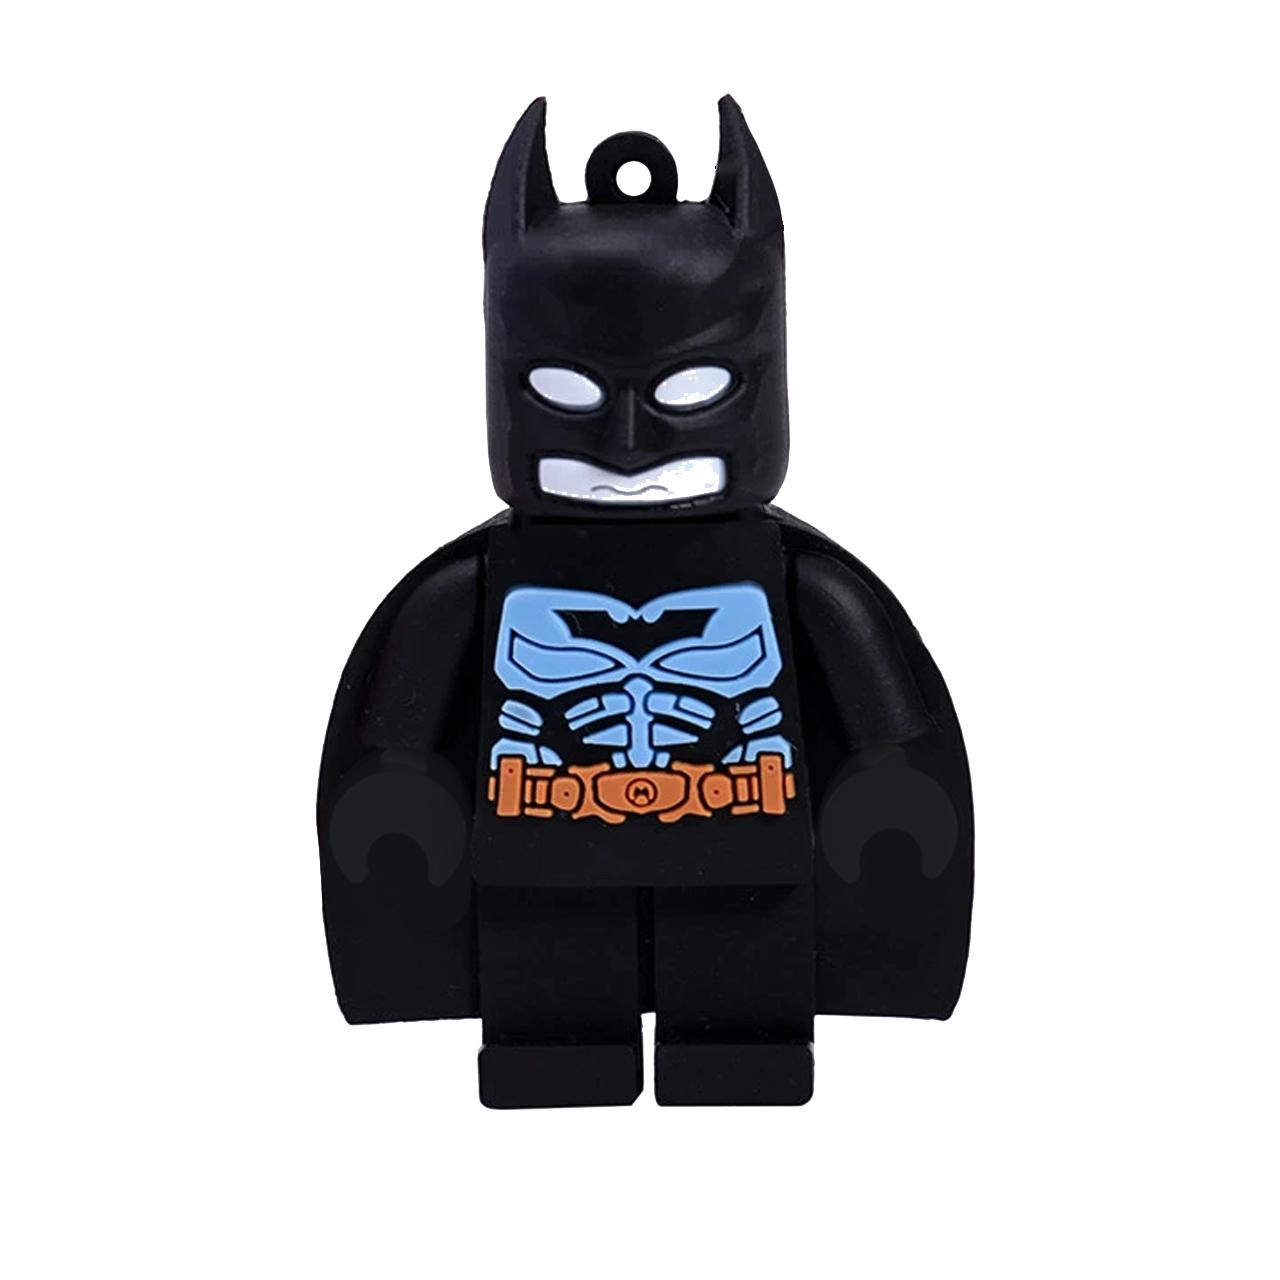 بررسی و {خرید با تخفیف} فلش مموری طرح Lego Batman مدل DPL1167 ظرفیت 32 گیگابایت اصل